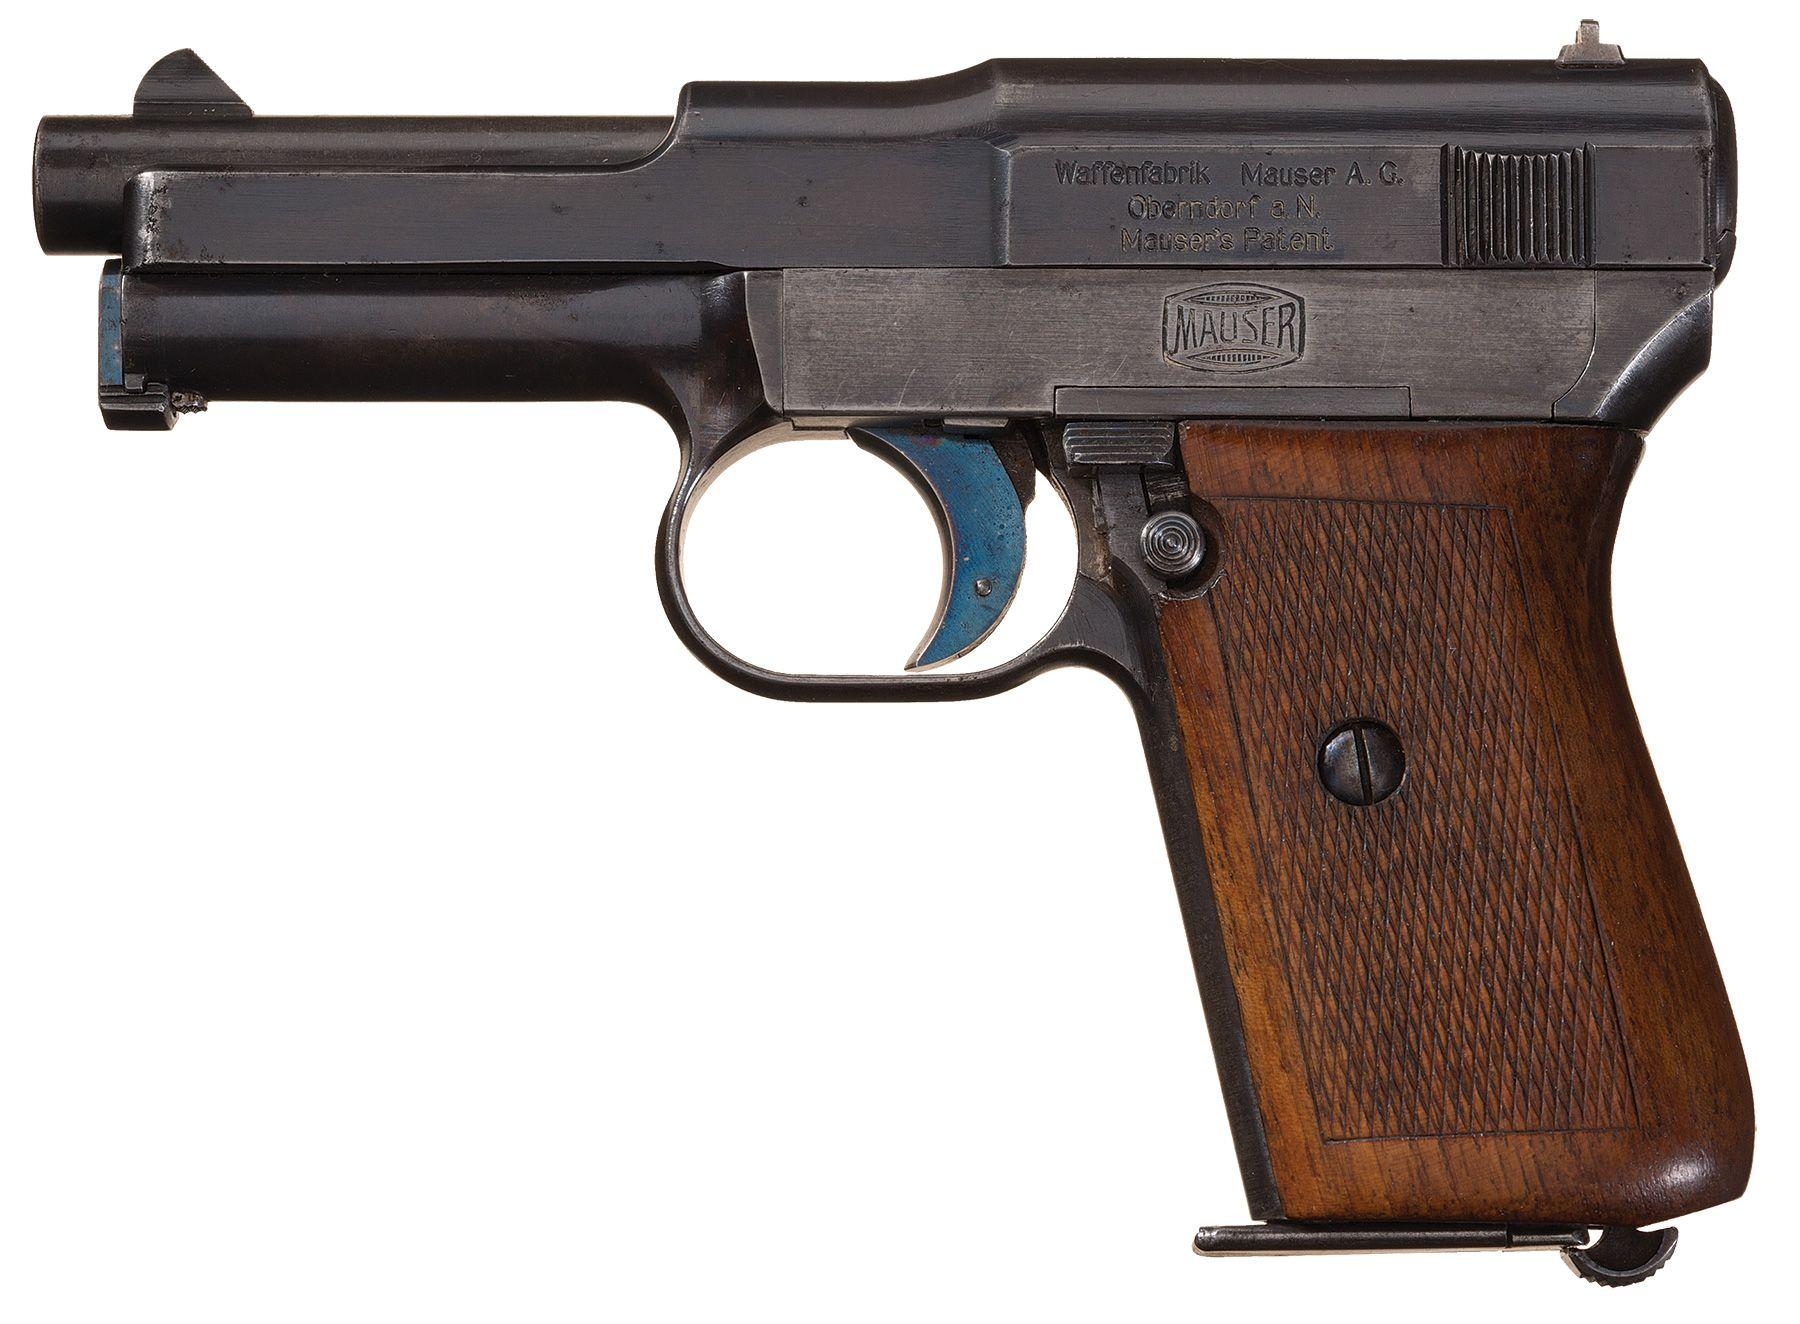 rare early mauser model 1914 humpback semi automatic pistol